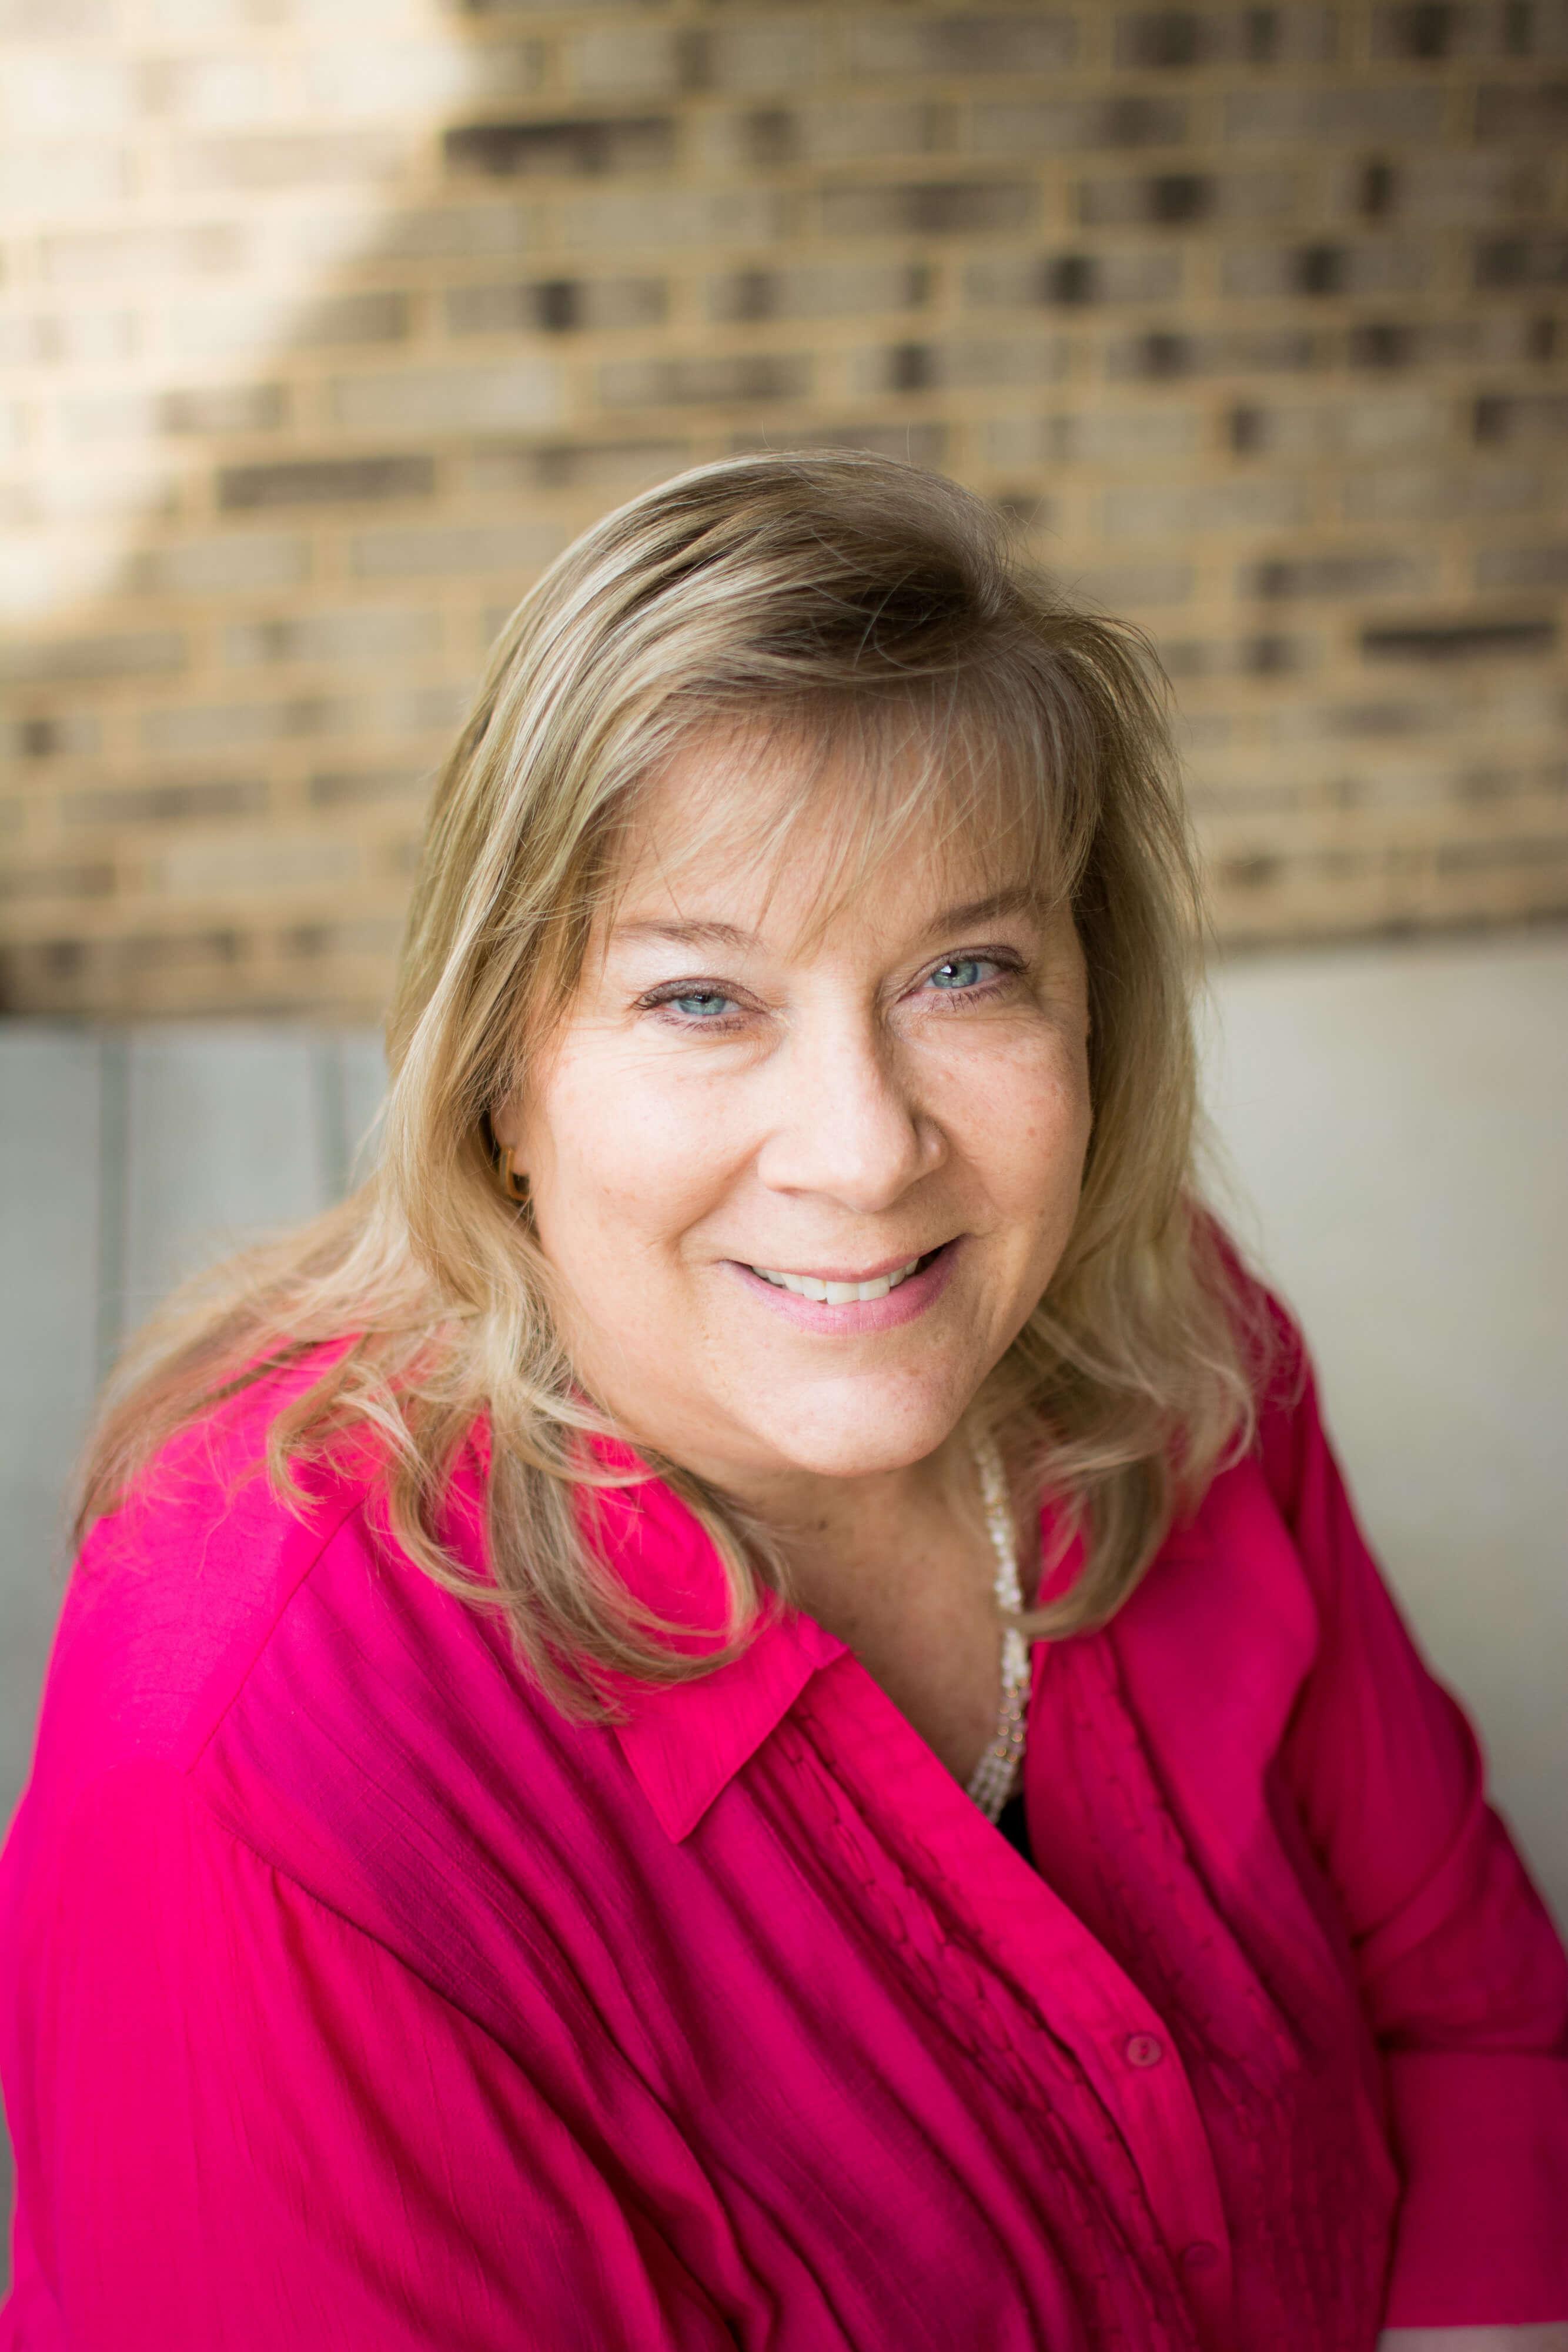 Lisa Bosley